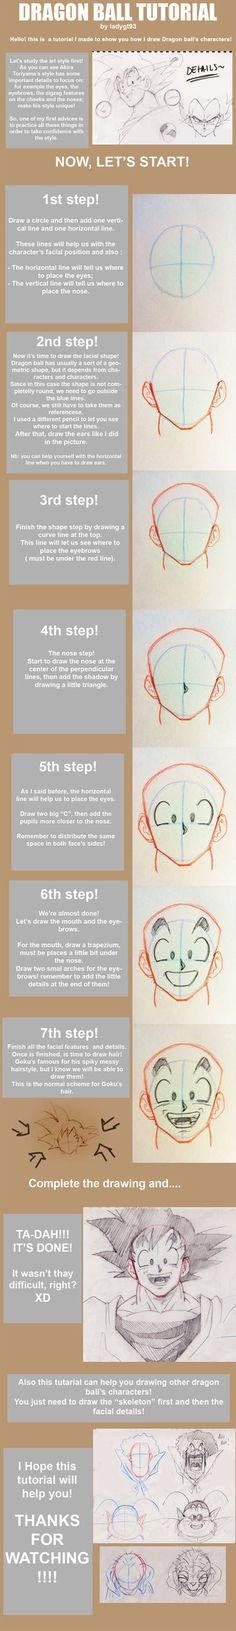 Dragon ball tutorial by LadyGT.deviantart.com on @DeviantArt